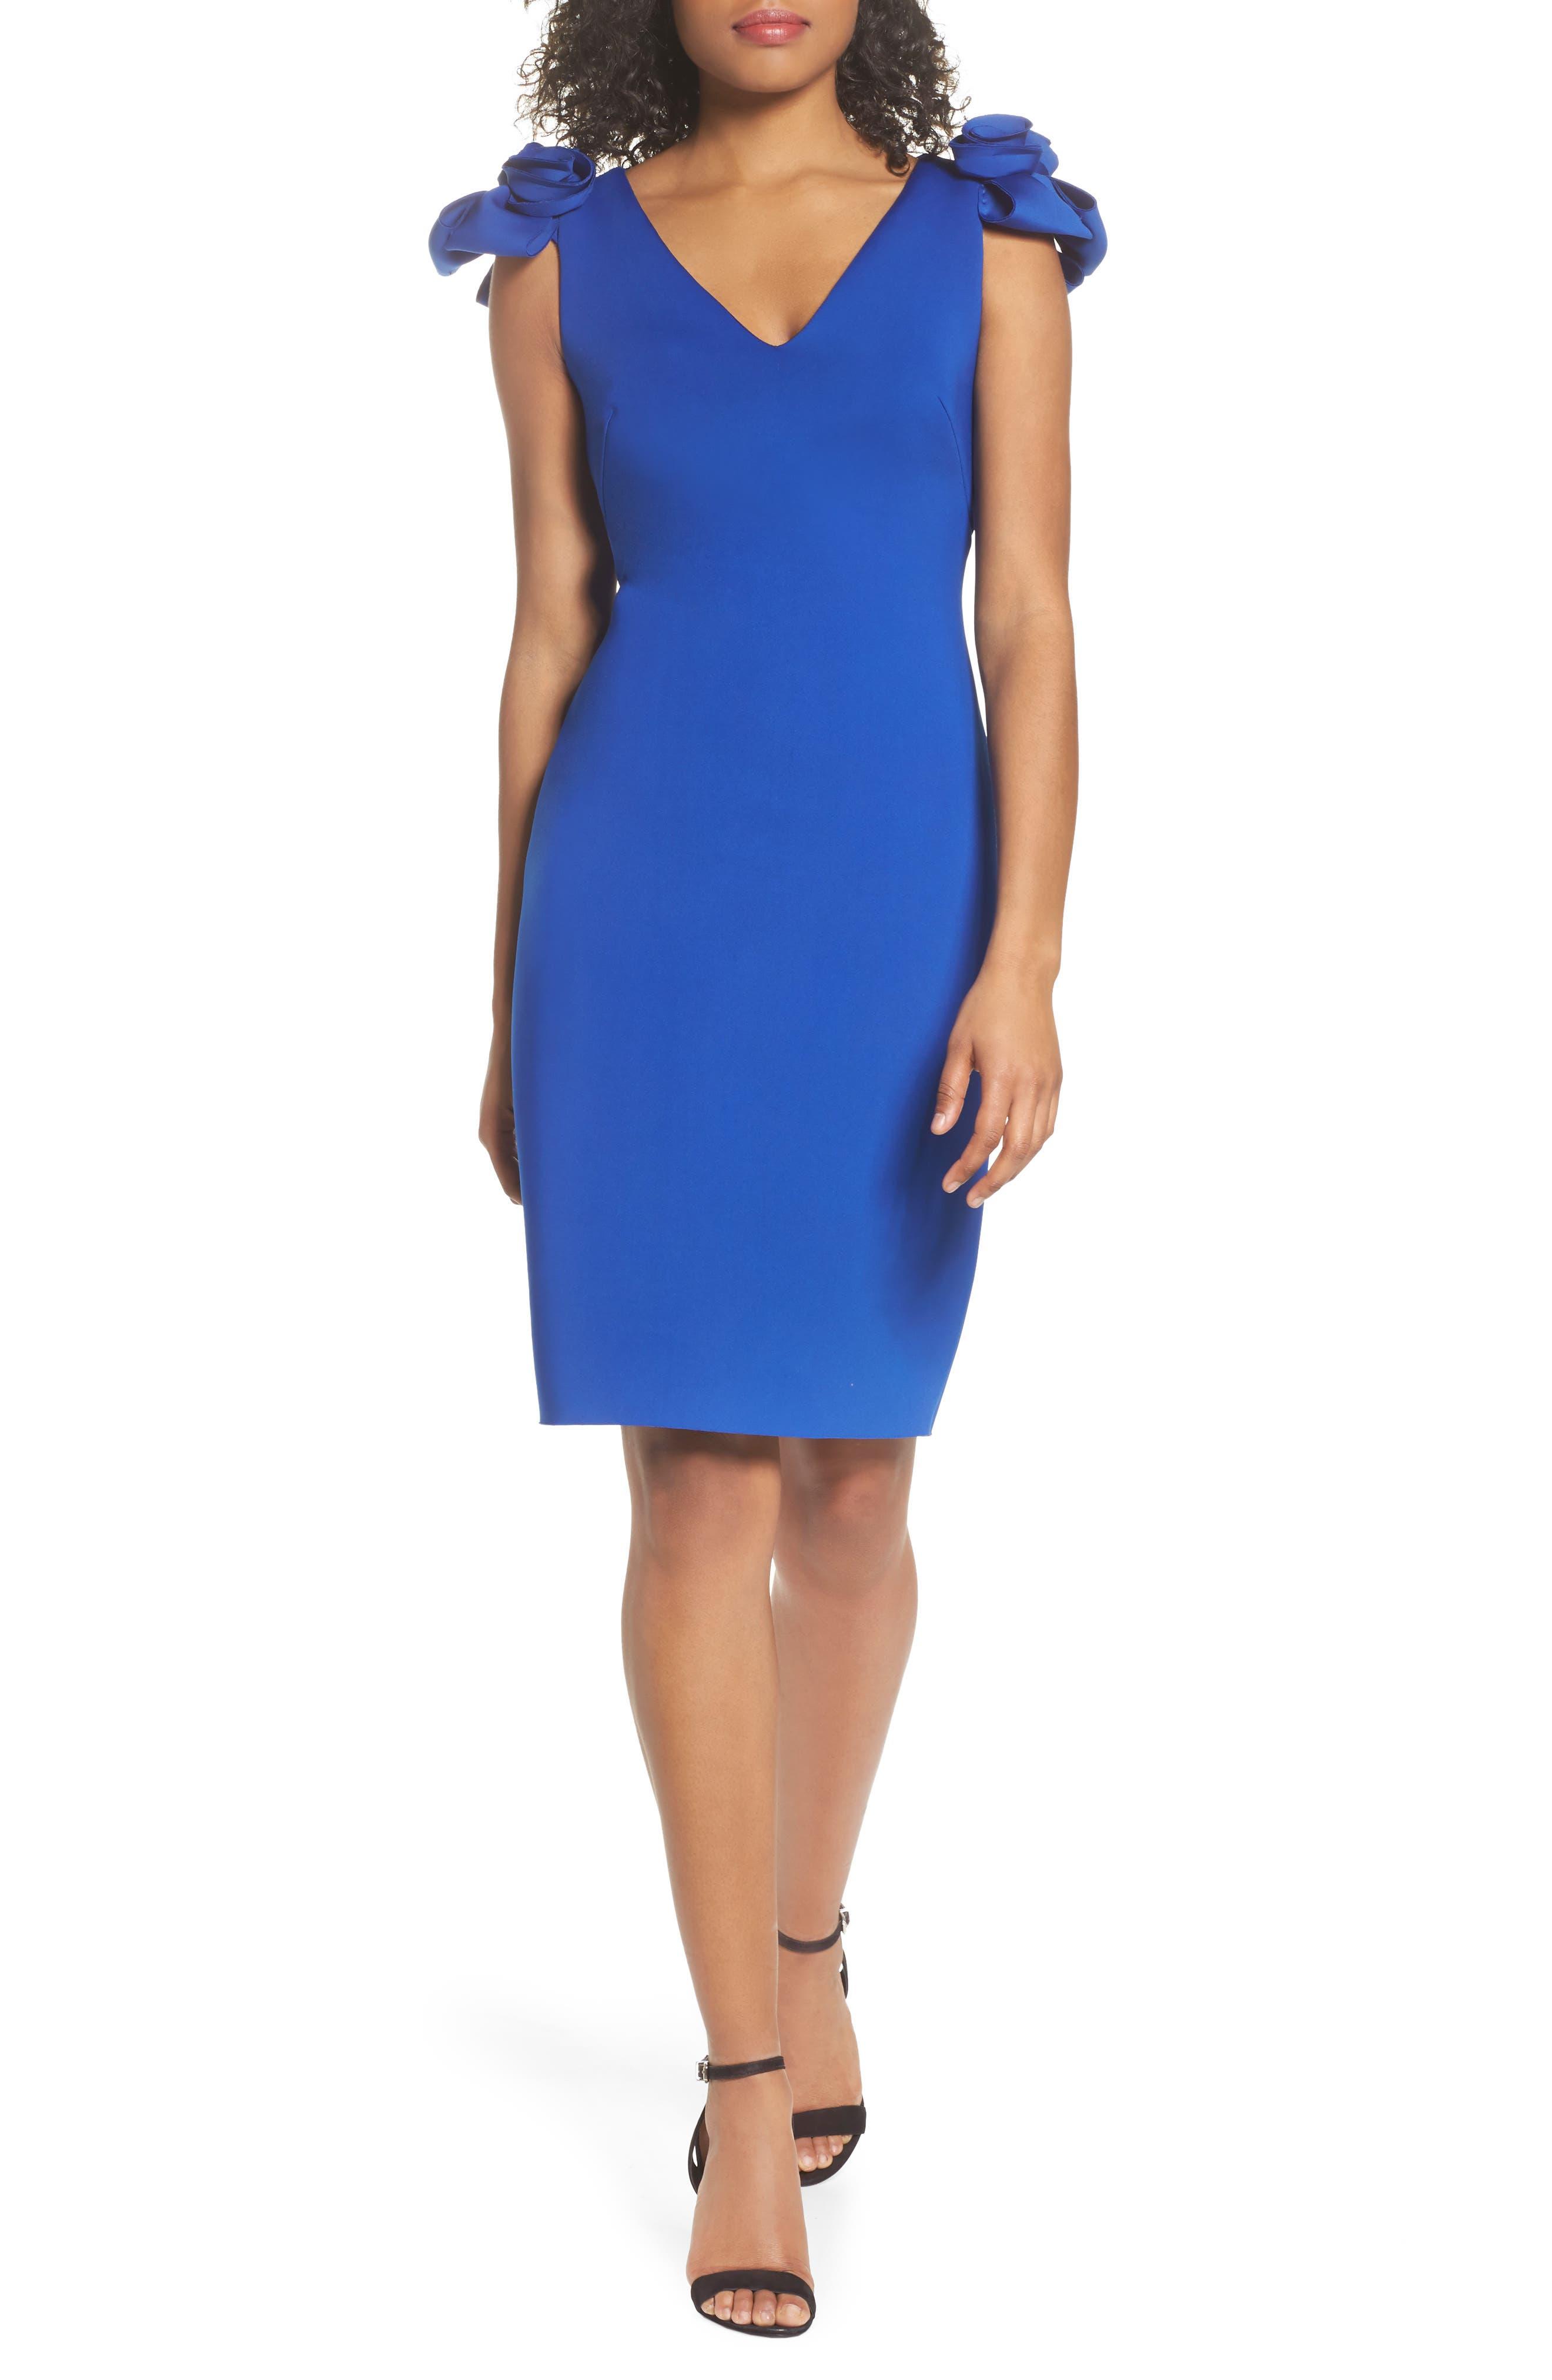 Blue Knee Length Dresses